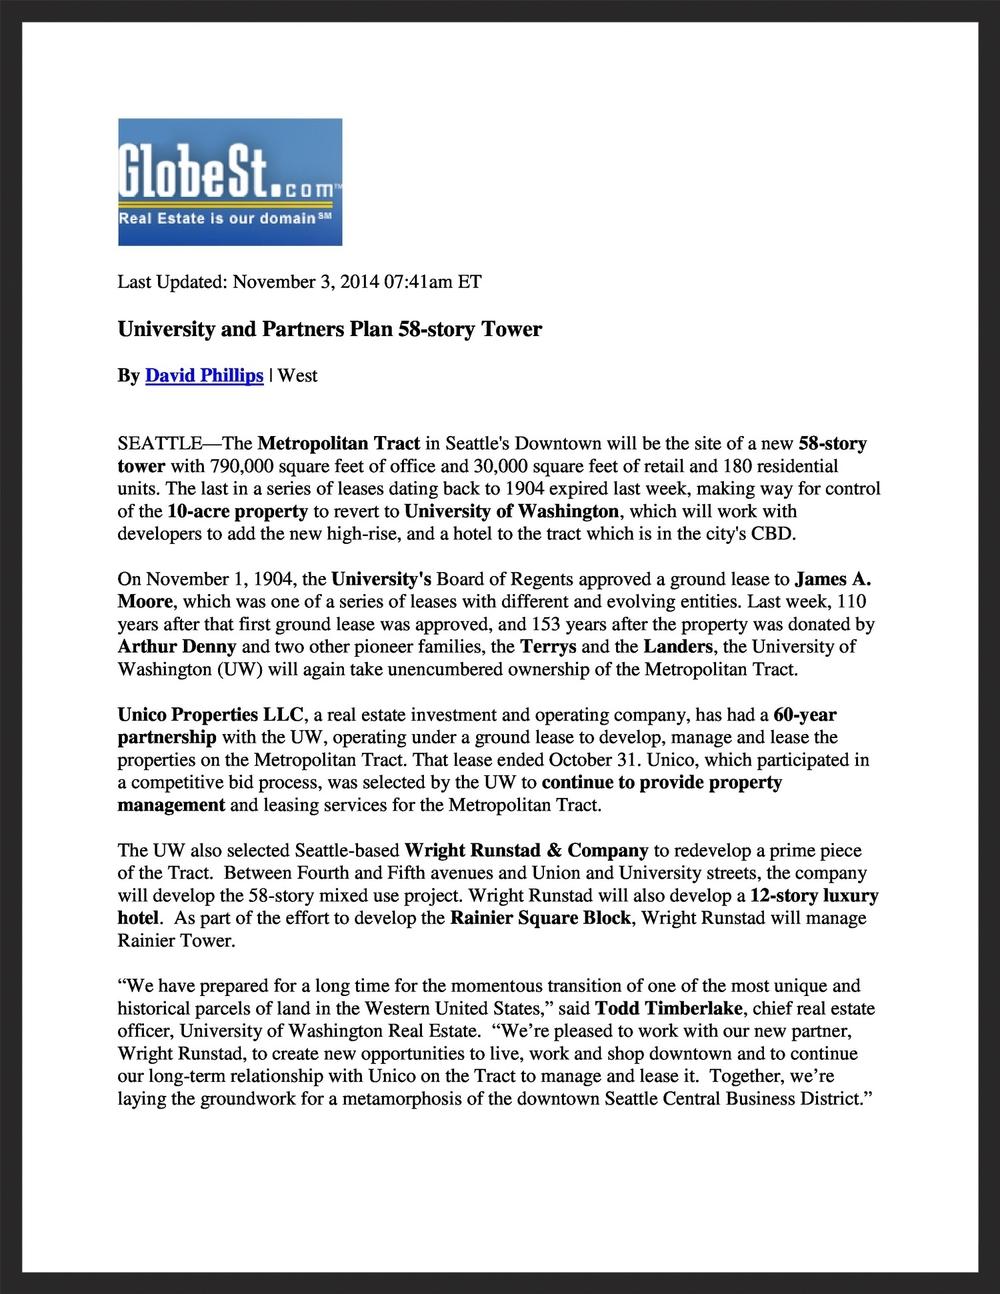 UNICO  GlobeSt.com  11.03.2014